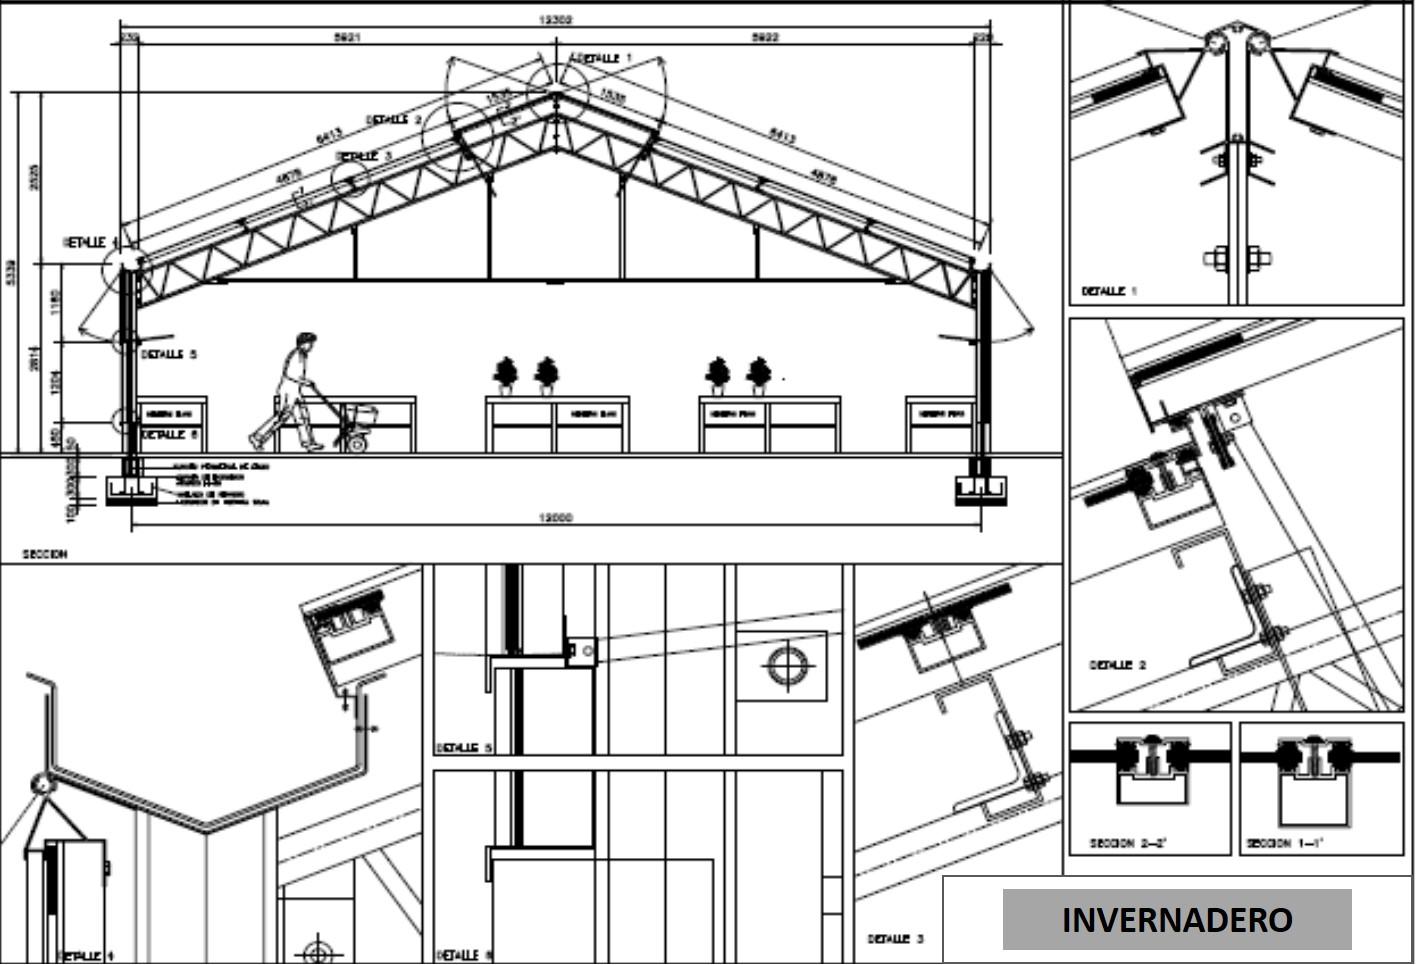 Datos tecnicos de lucernarios muros cortina e invernaderos for Plano de un vivero forestal